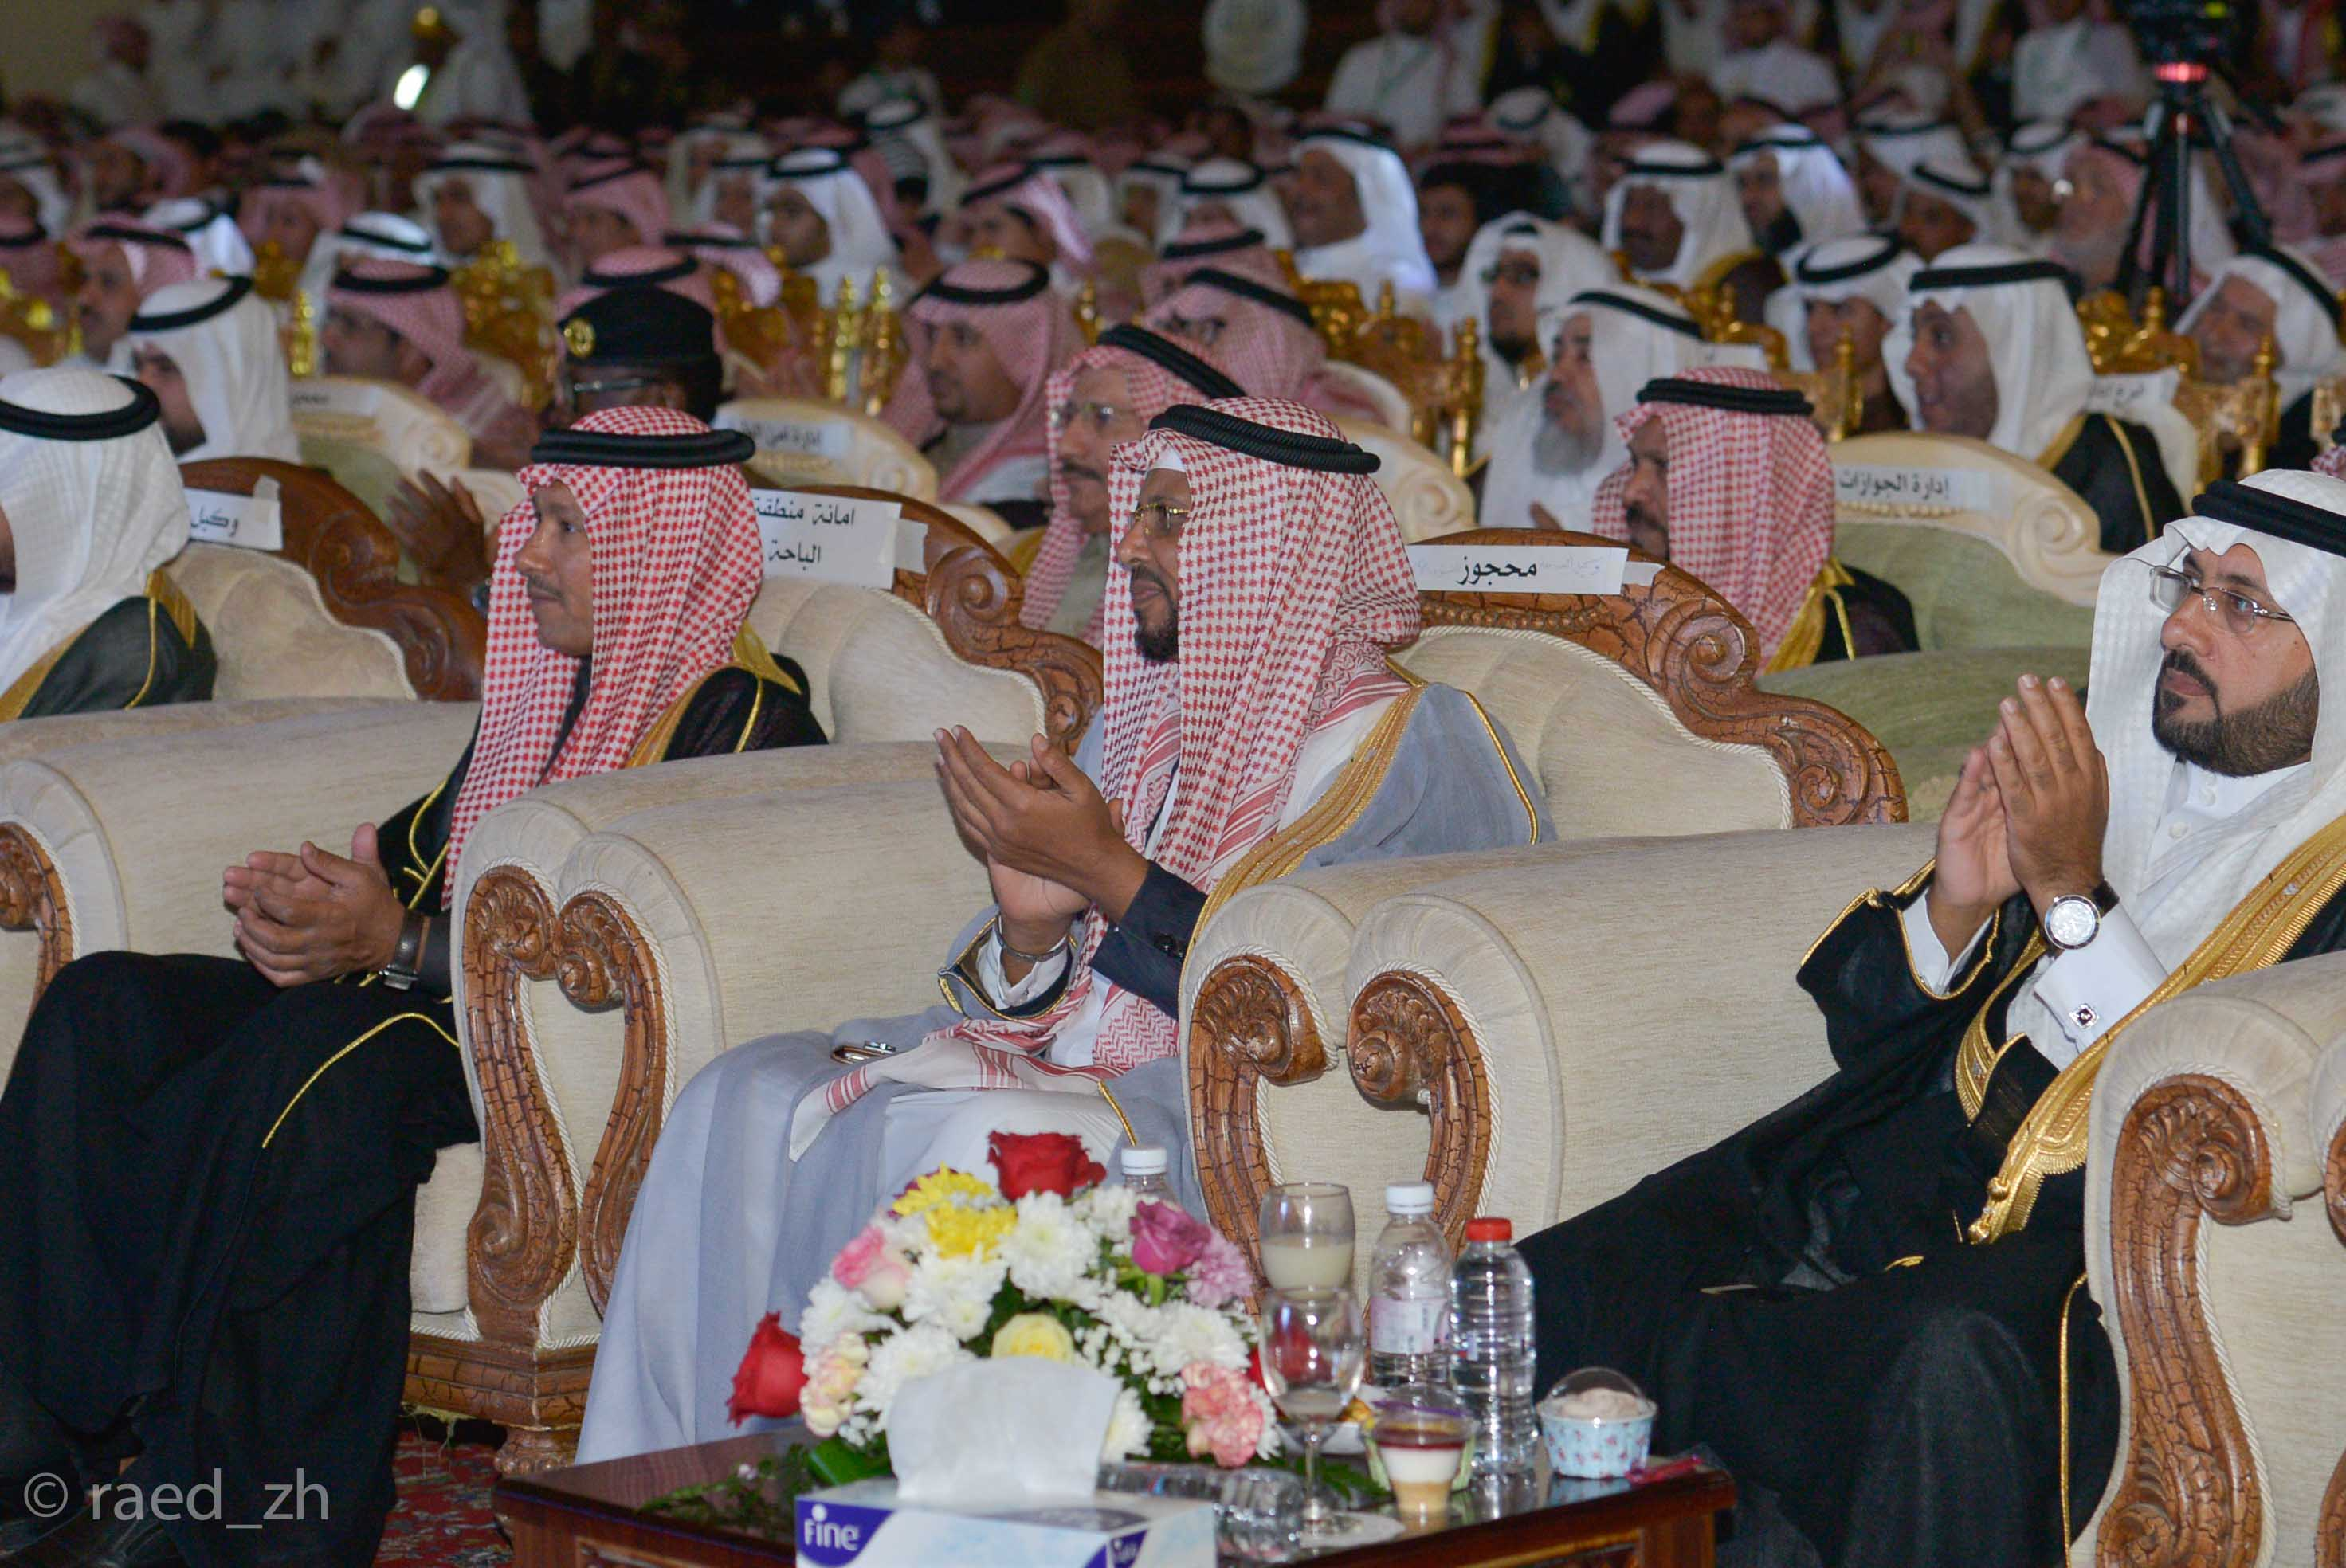 امير الباحة يرعى تخريج الدفعة العاشرة من طلاب وطالبات جامعة الباحة (14)